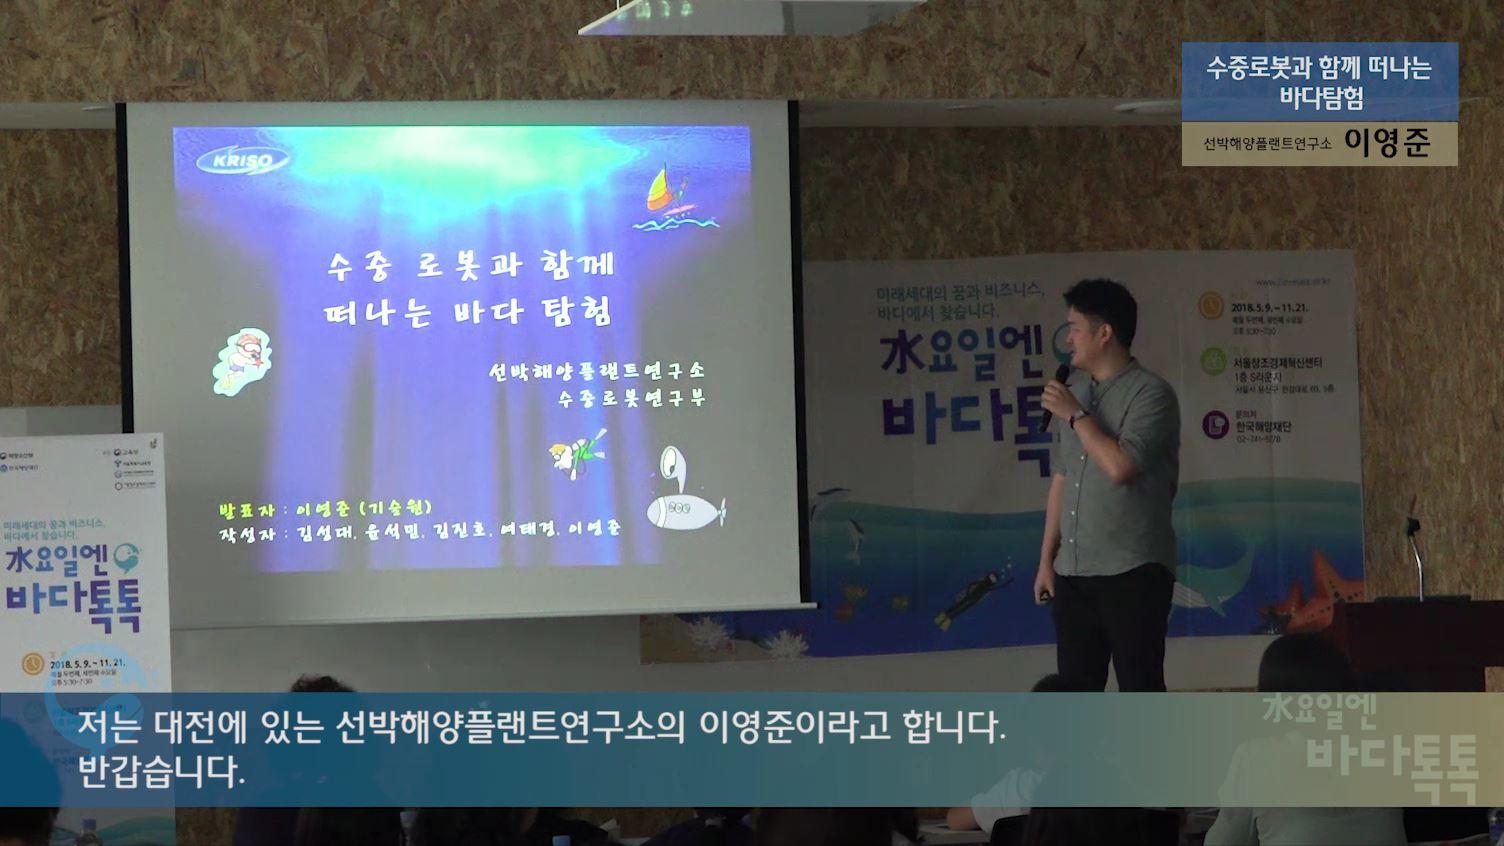 4회 서울 본강연